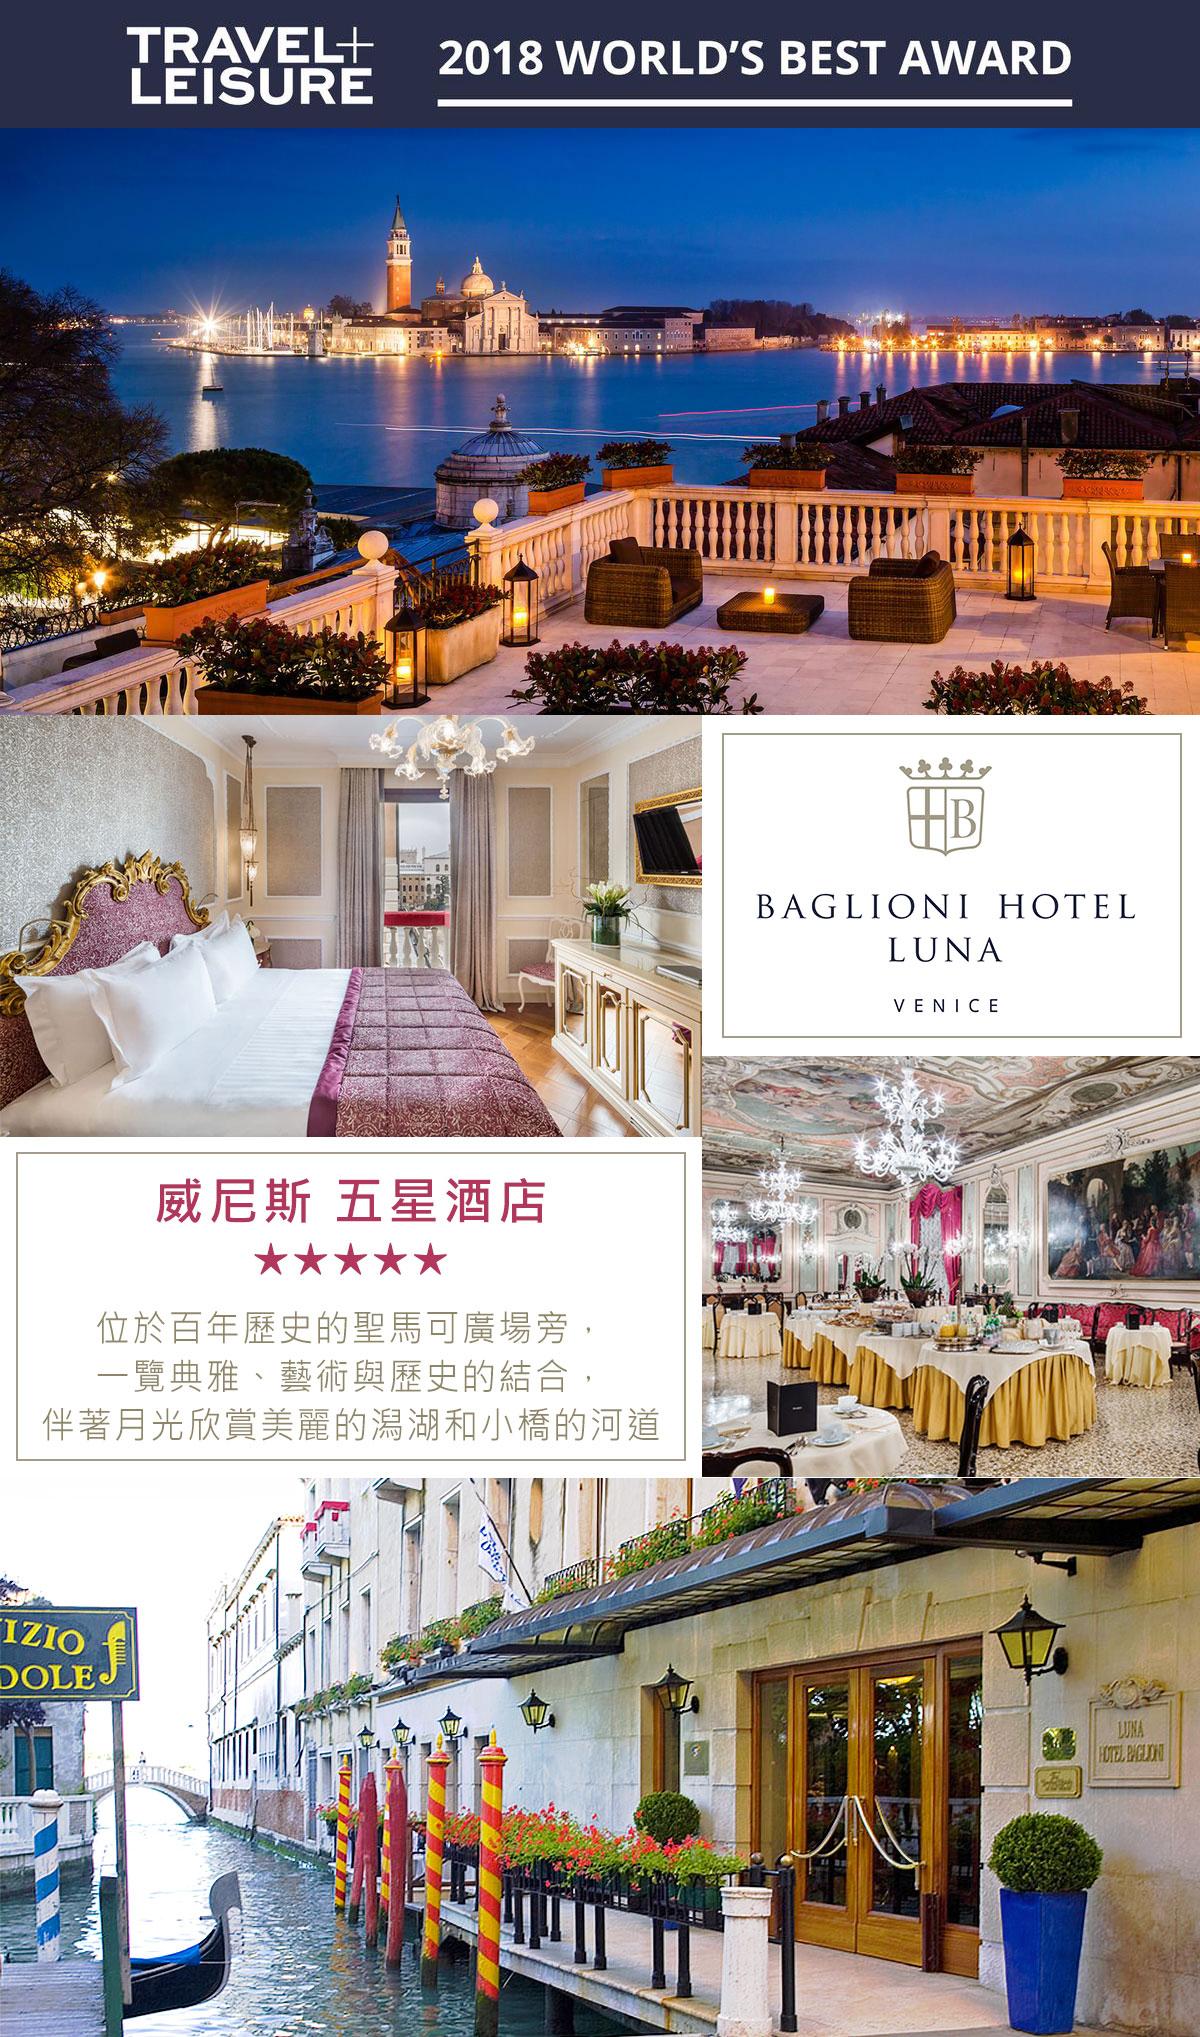 威尼斯本島入住5星酒店2晚Baglioni Hotel Luna Venezia